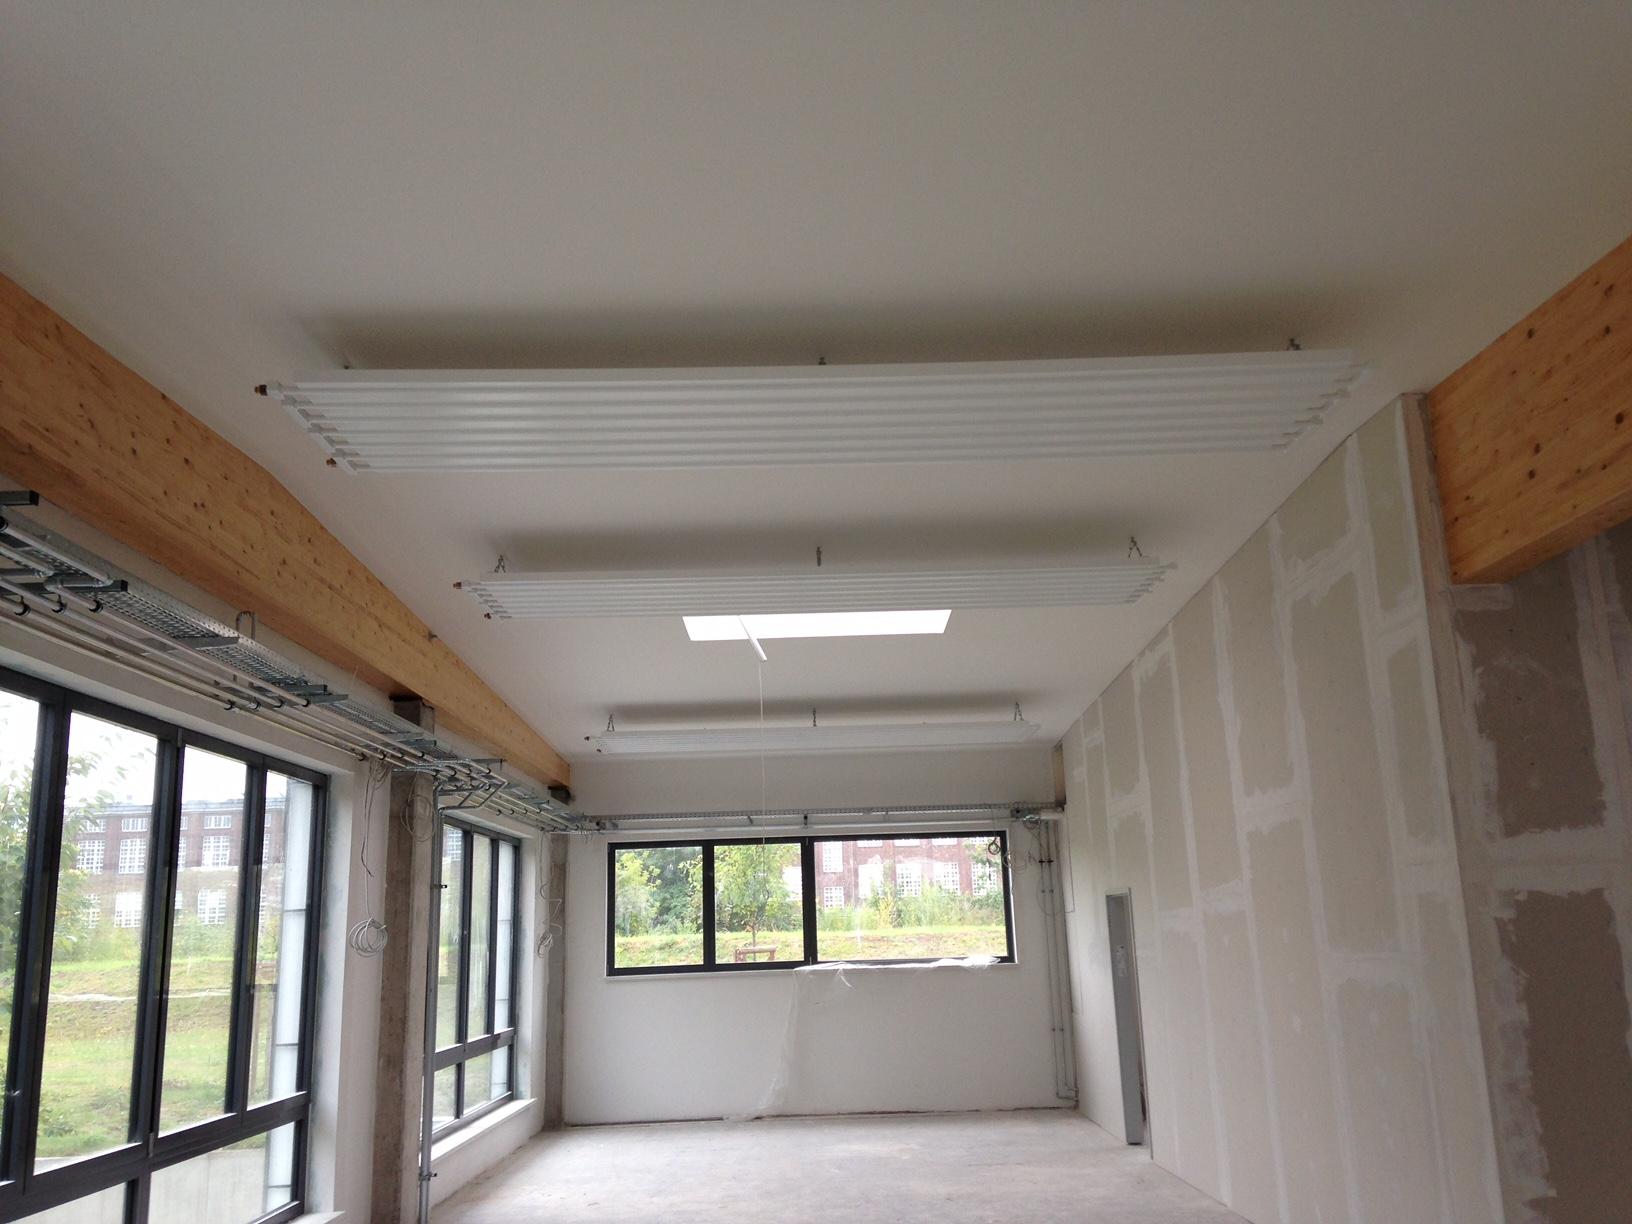 Neubau Bauteil C Werkstatt für Holzbereitung der Betriebsstätte Bornitzstraße 63-65 in 10365 Berlin